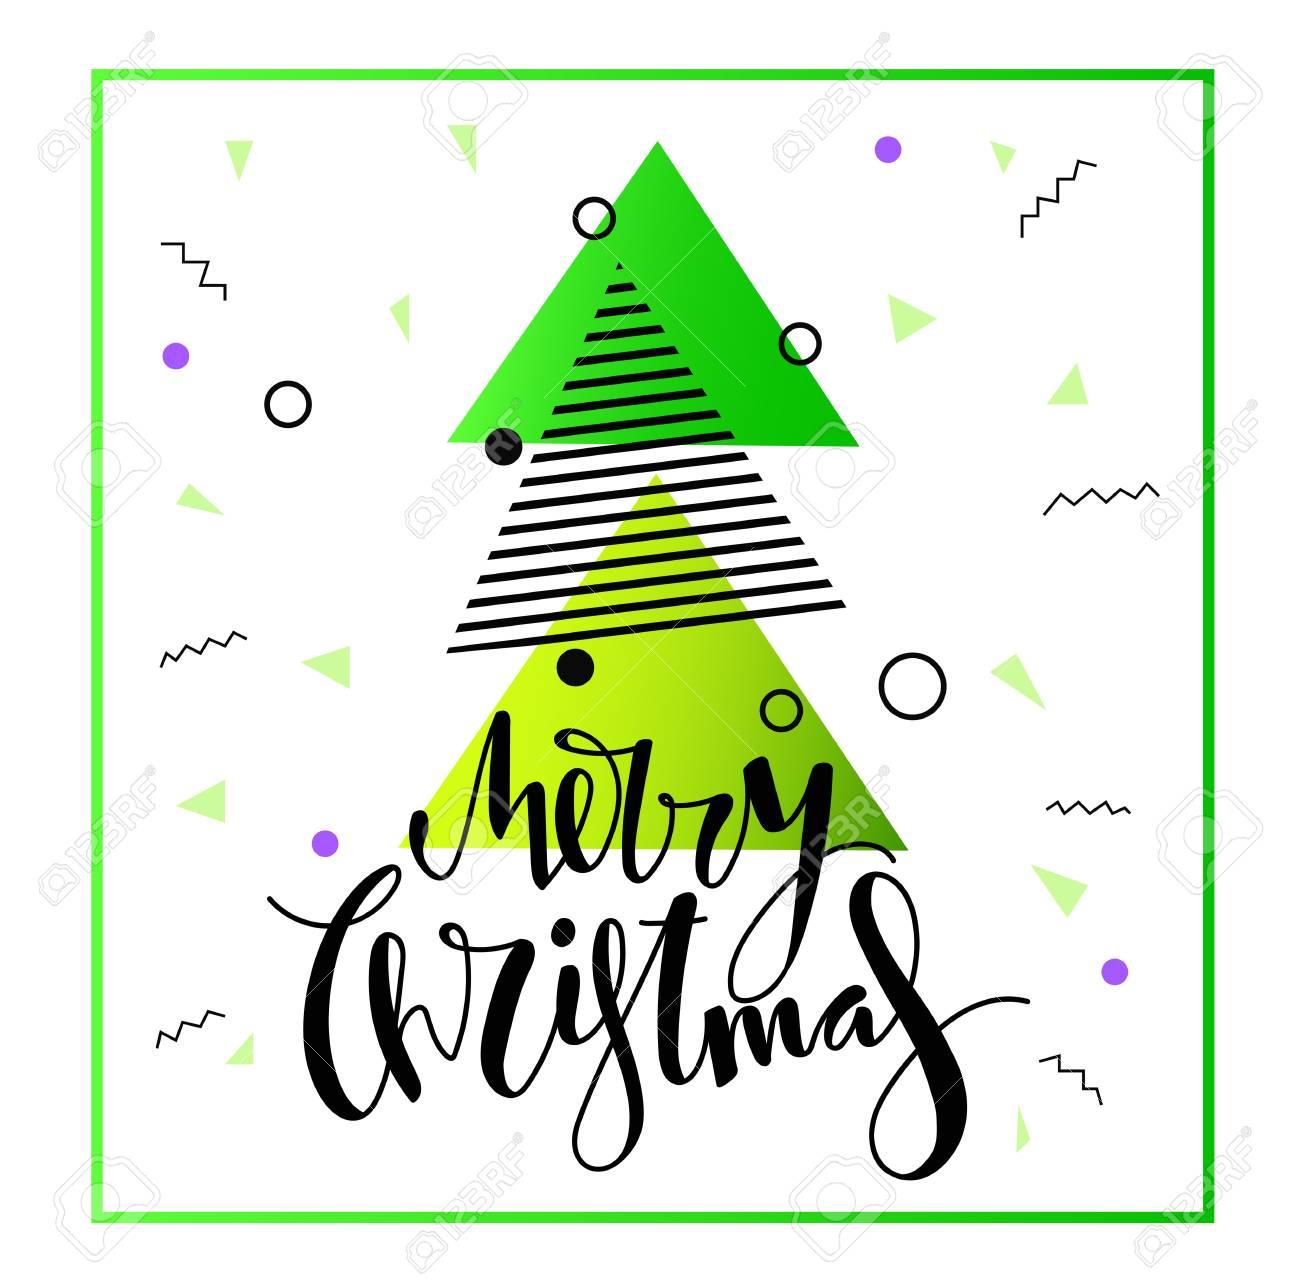 Frohe Weihnachten Design. Handgeschriebene Schrift Für Grußkarten ...